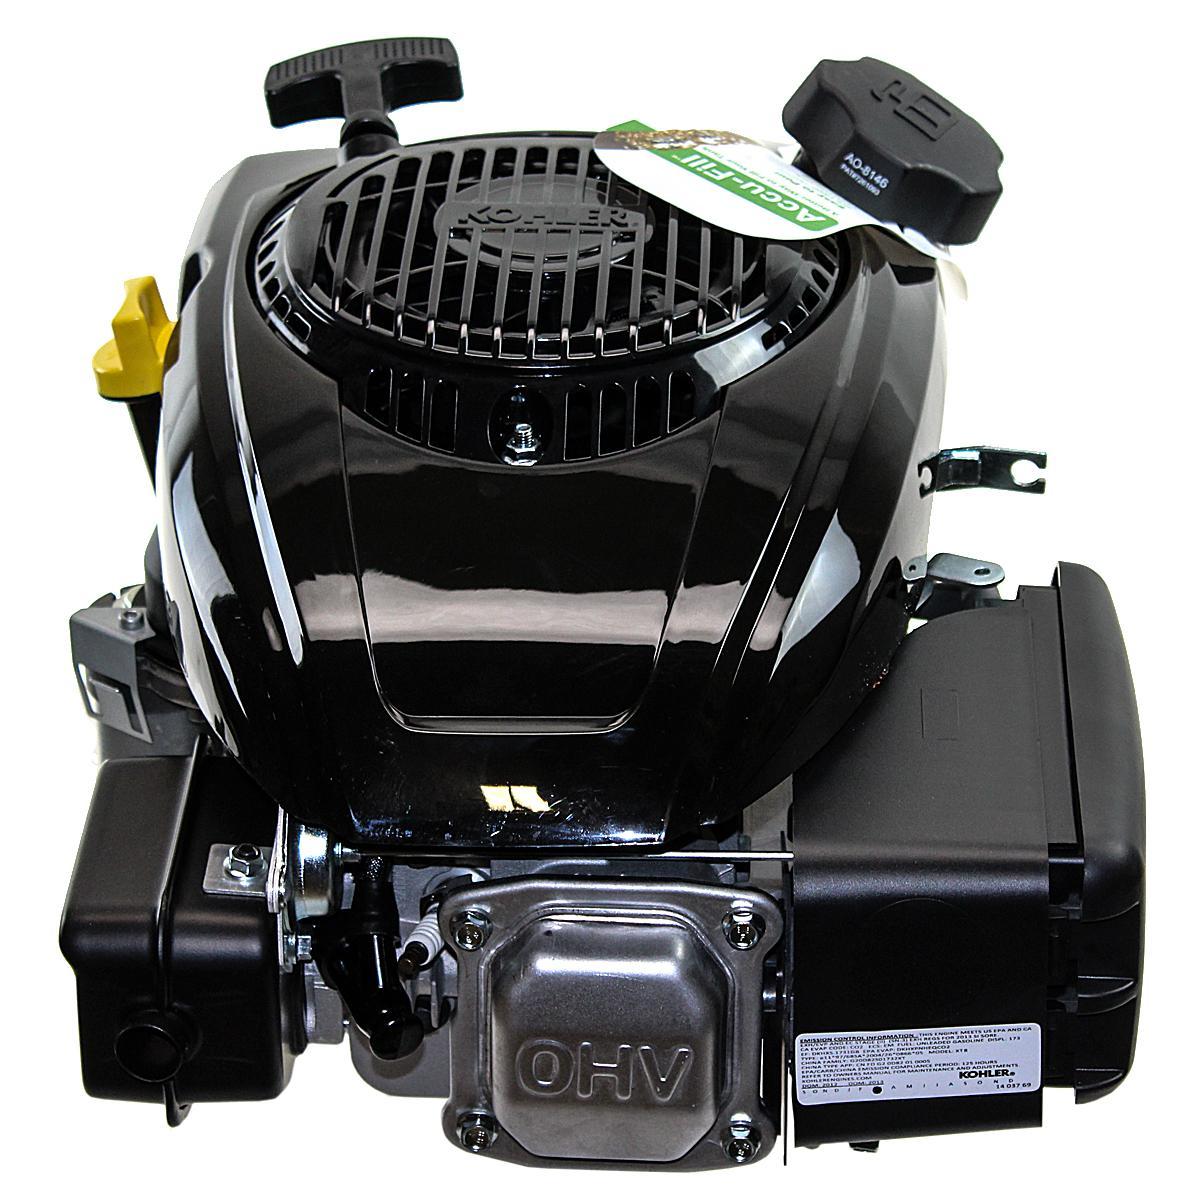 """173cc Vertical 25mmx3-5/32"""" Shaft, OHV, Recoil Start, Safety Brake, Kohler Engine"""